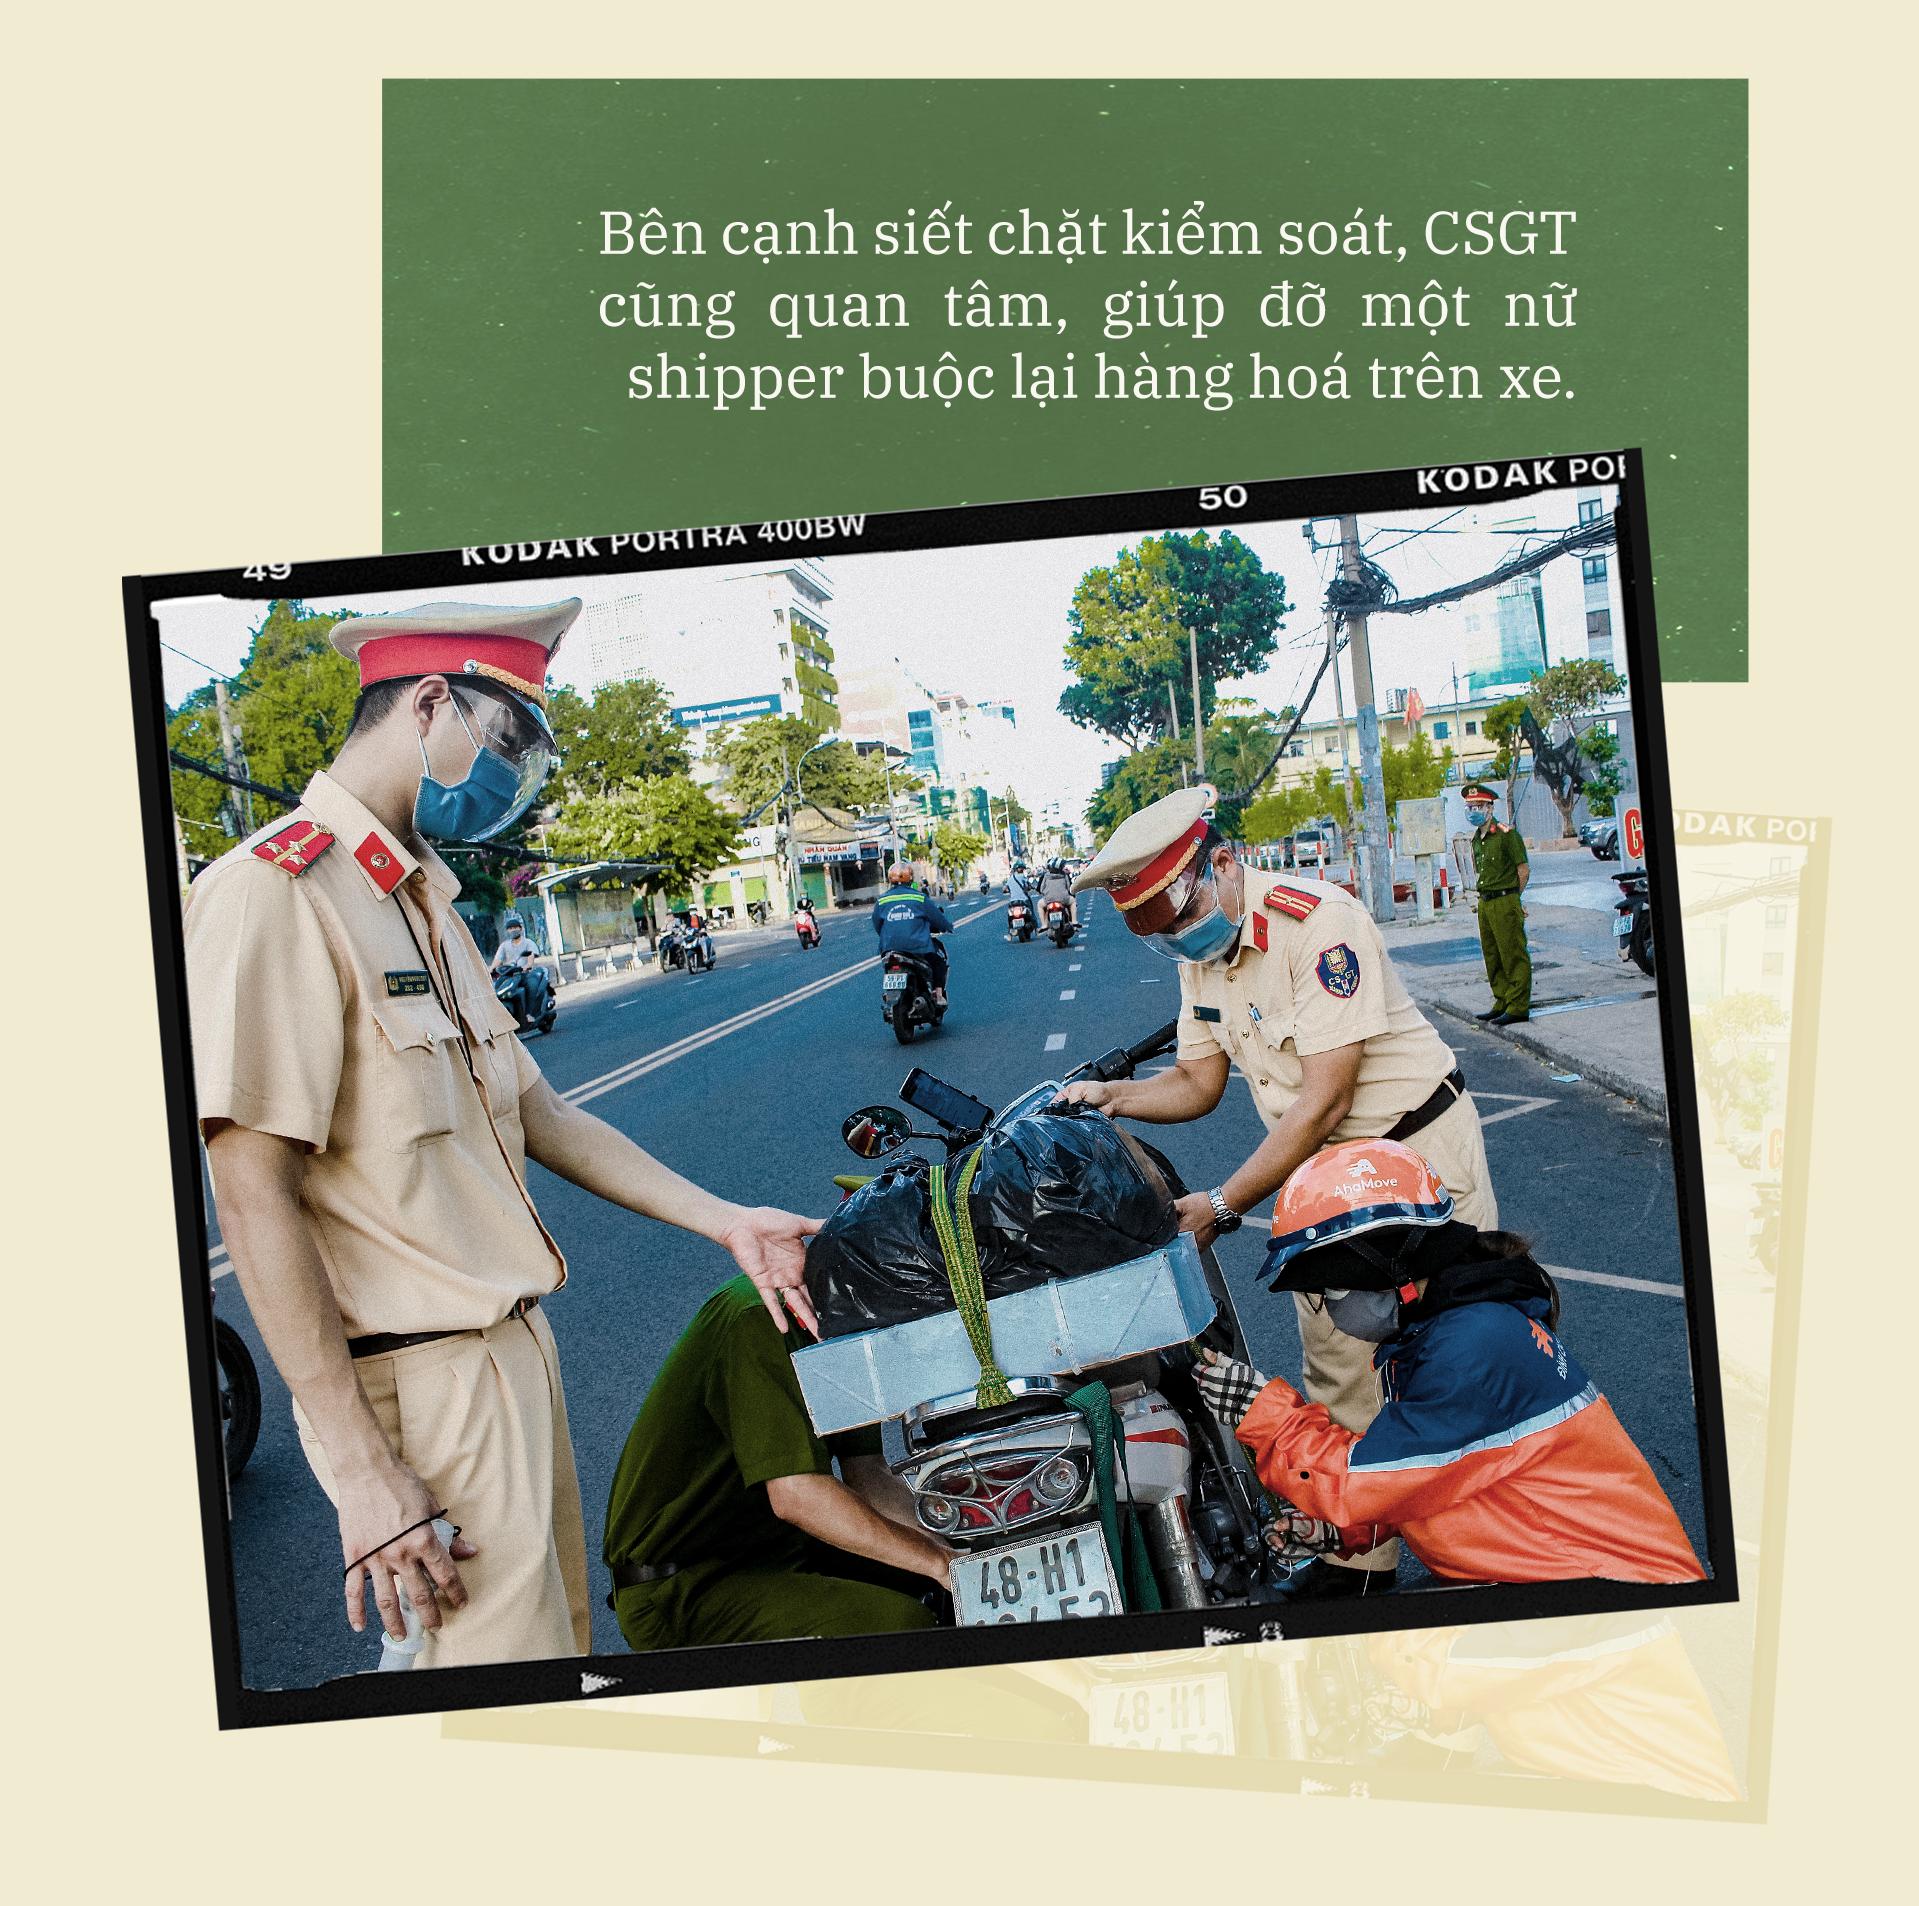 Emagazine: CSGT TP.HCM - Tấm lá chắn trong cuộc chiến với COVID-19 - ảnh 18